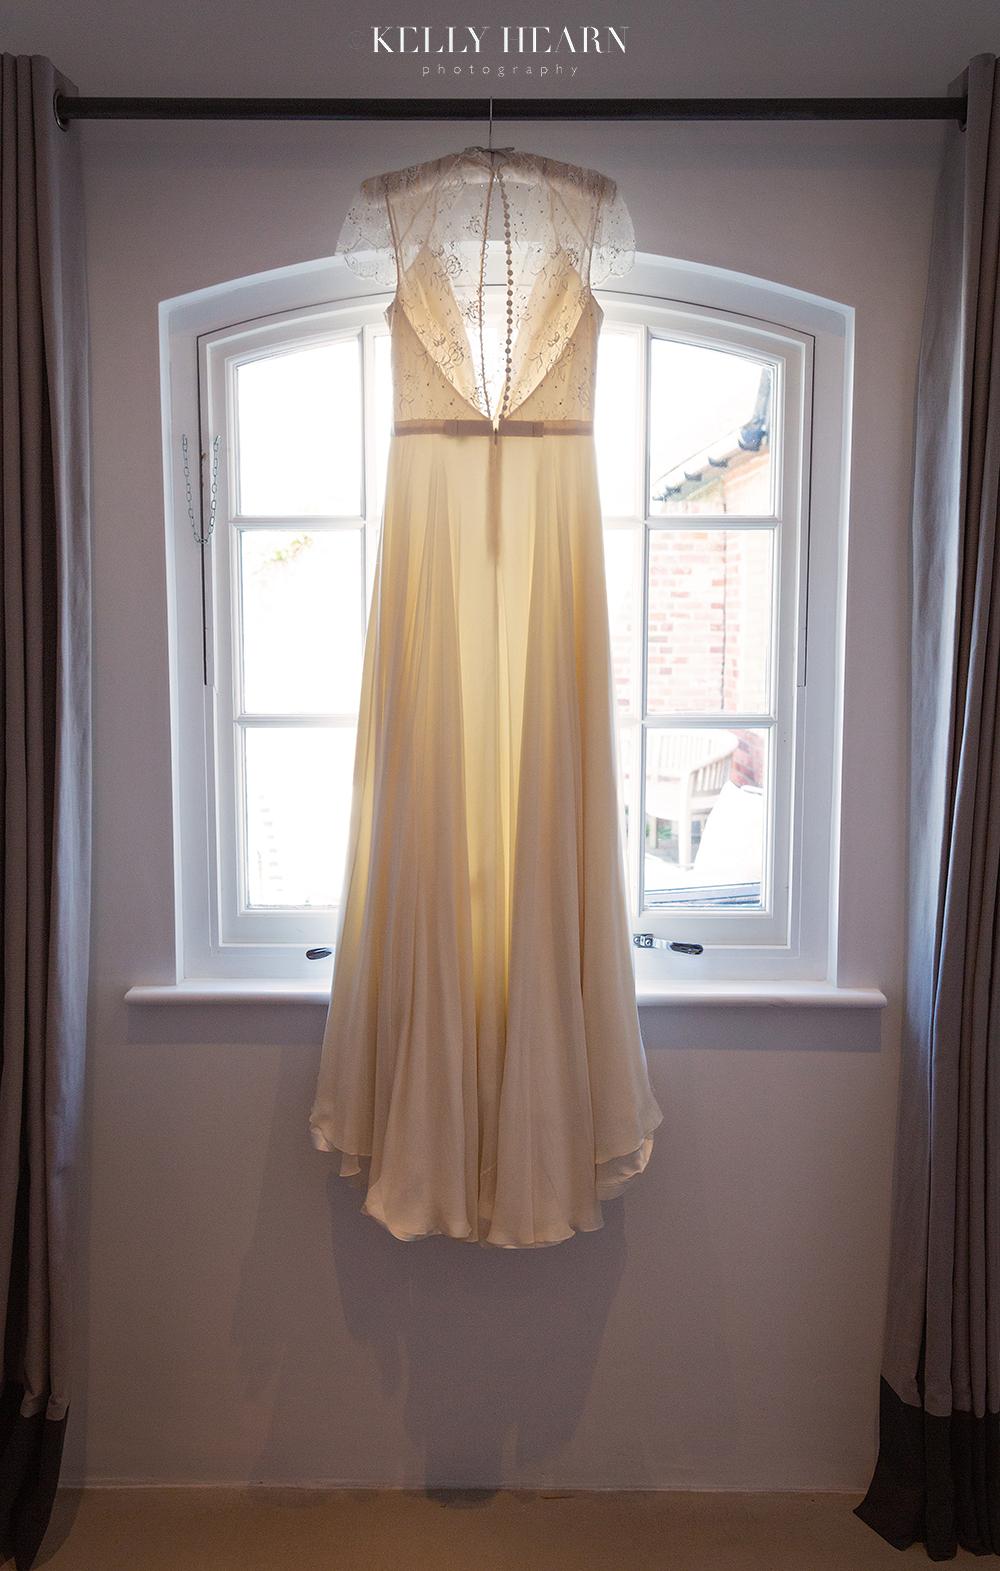 LEN_wedding-dress-hanging-at-window.jpg#asset:2586